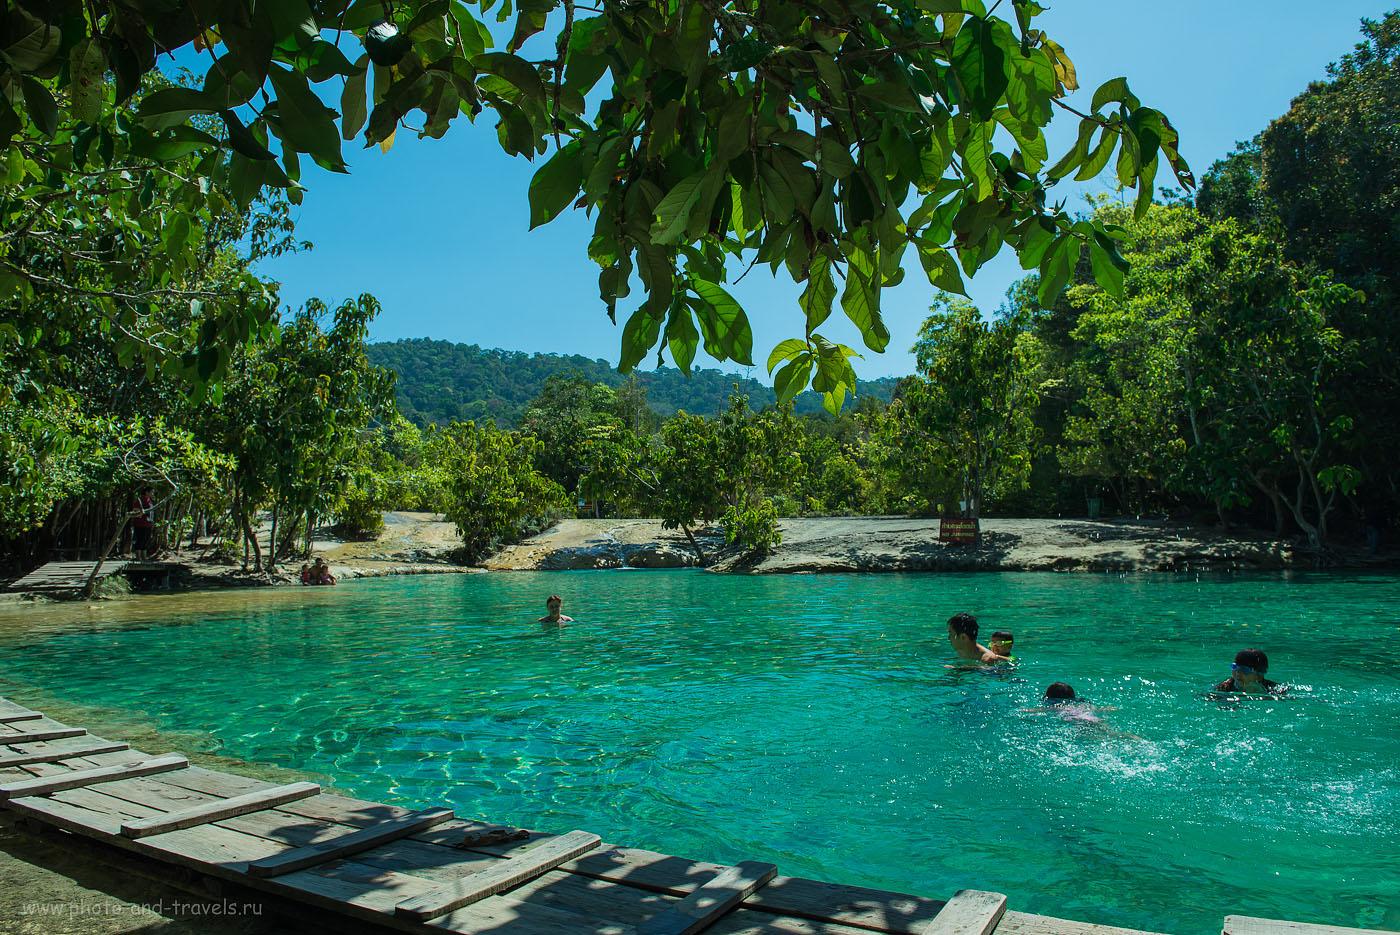 Фотография 17. С утра в озере Emerald Pool купались только японцы и Катя. Поездка на Краби самостоятельно. Отчет об отдыхе в Таиланде в феврале 2015 (100, 24, 8.0, 1/200)